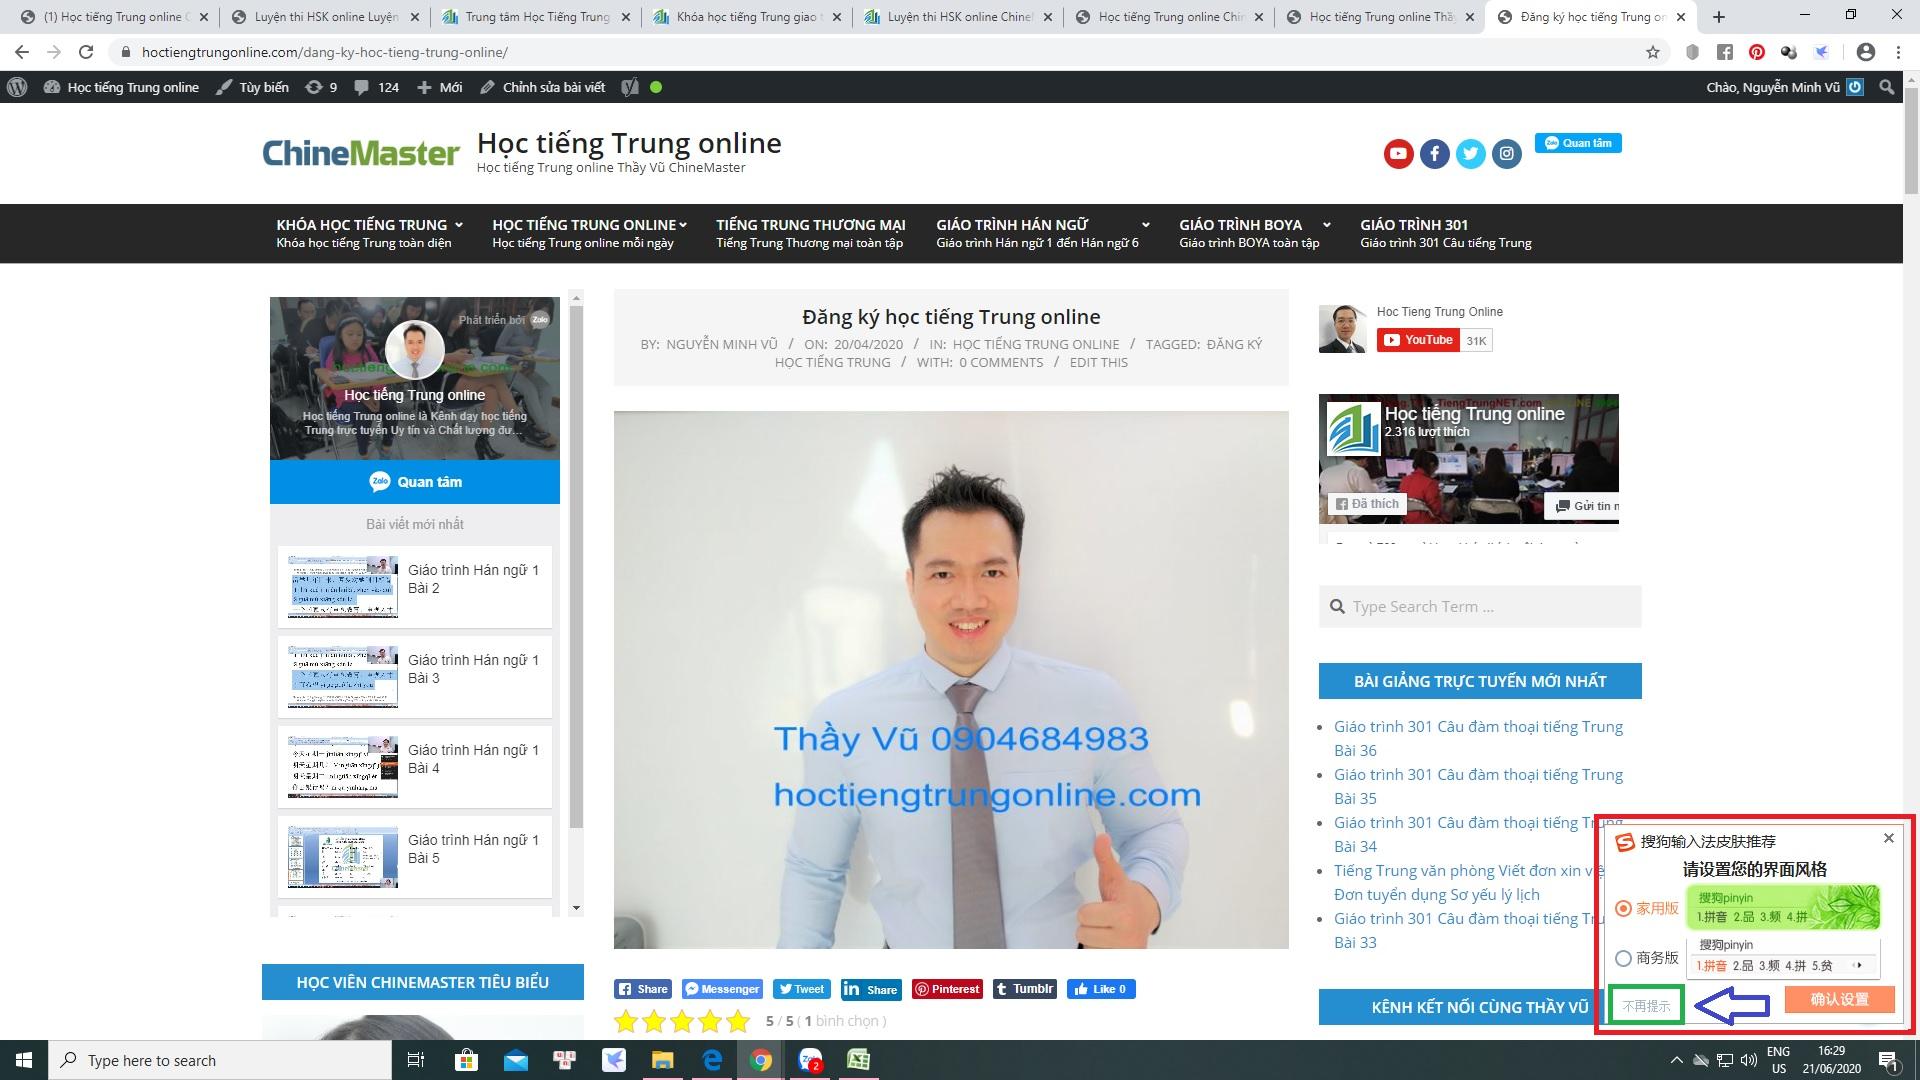 Cách gõ tiếng Hoa trên máy tính và điện thoại Hướng dẫn gõ tiếng Hoa SoGou PinYin trên máy tính và điện thoại chi tiết nhất